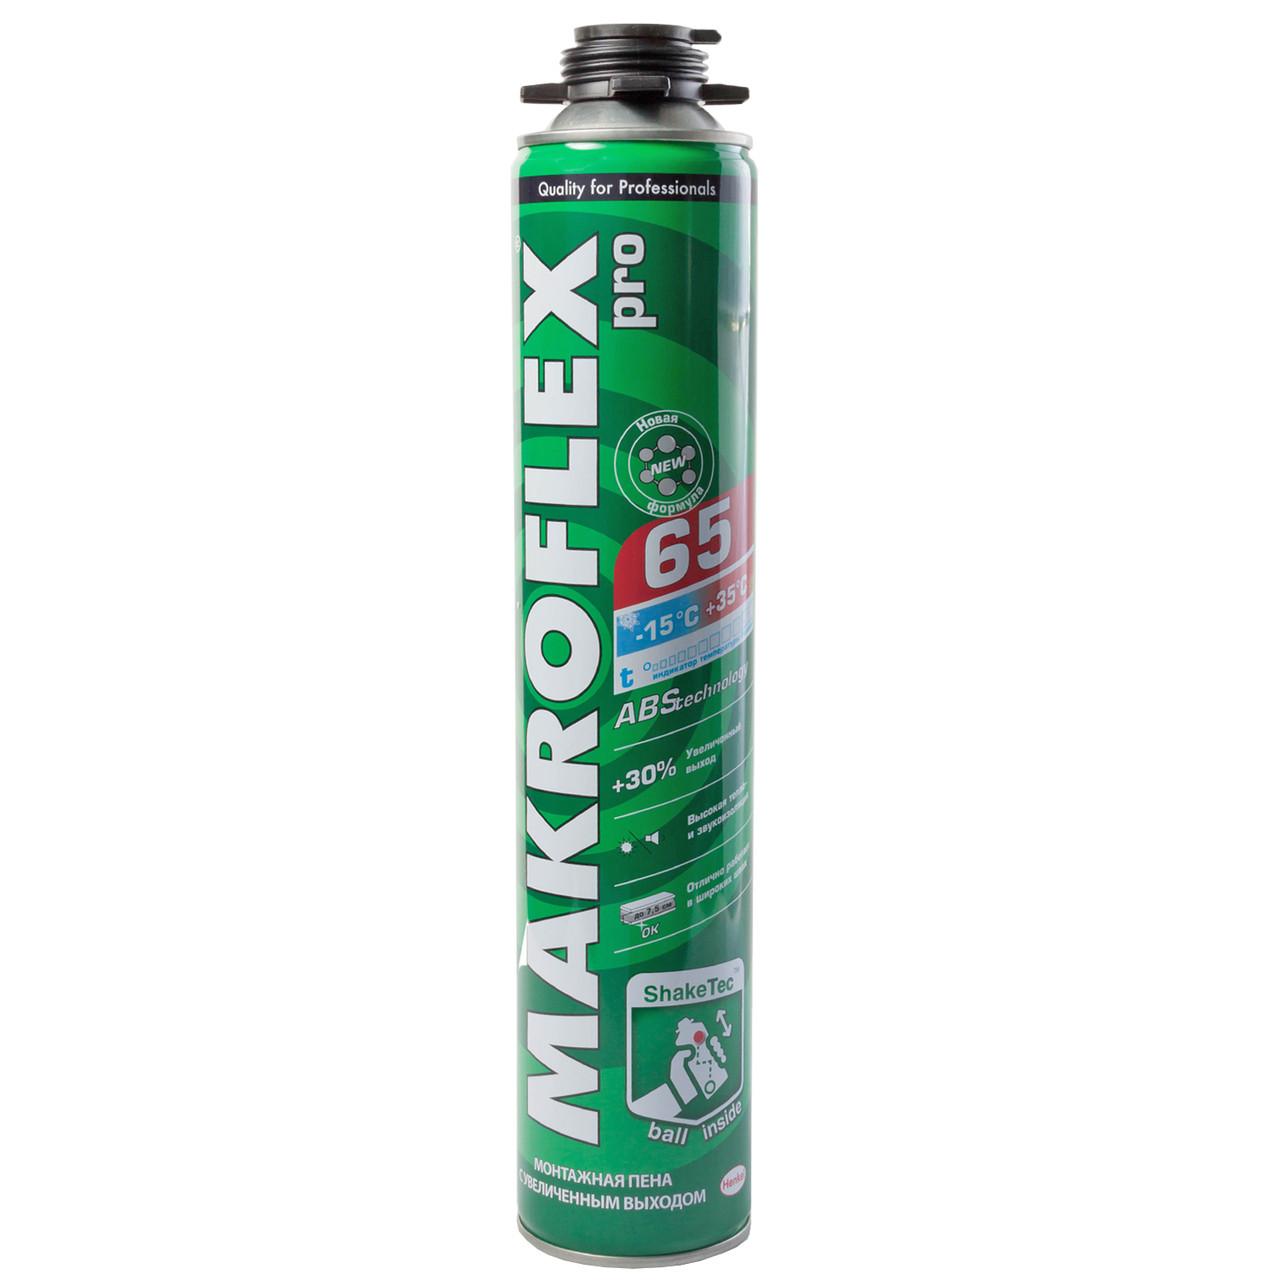 MAKROFLEX ShakeTec PU PRO Всесезонная профессиональная монтажная пена, 750 мл